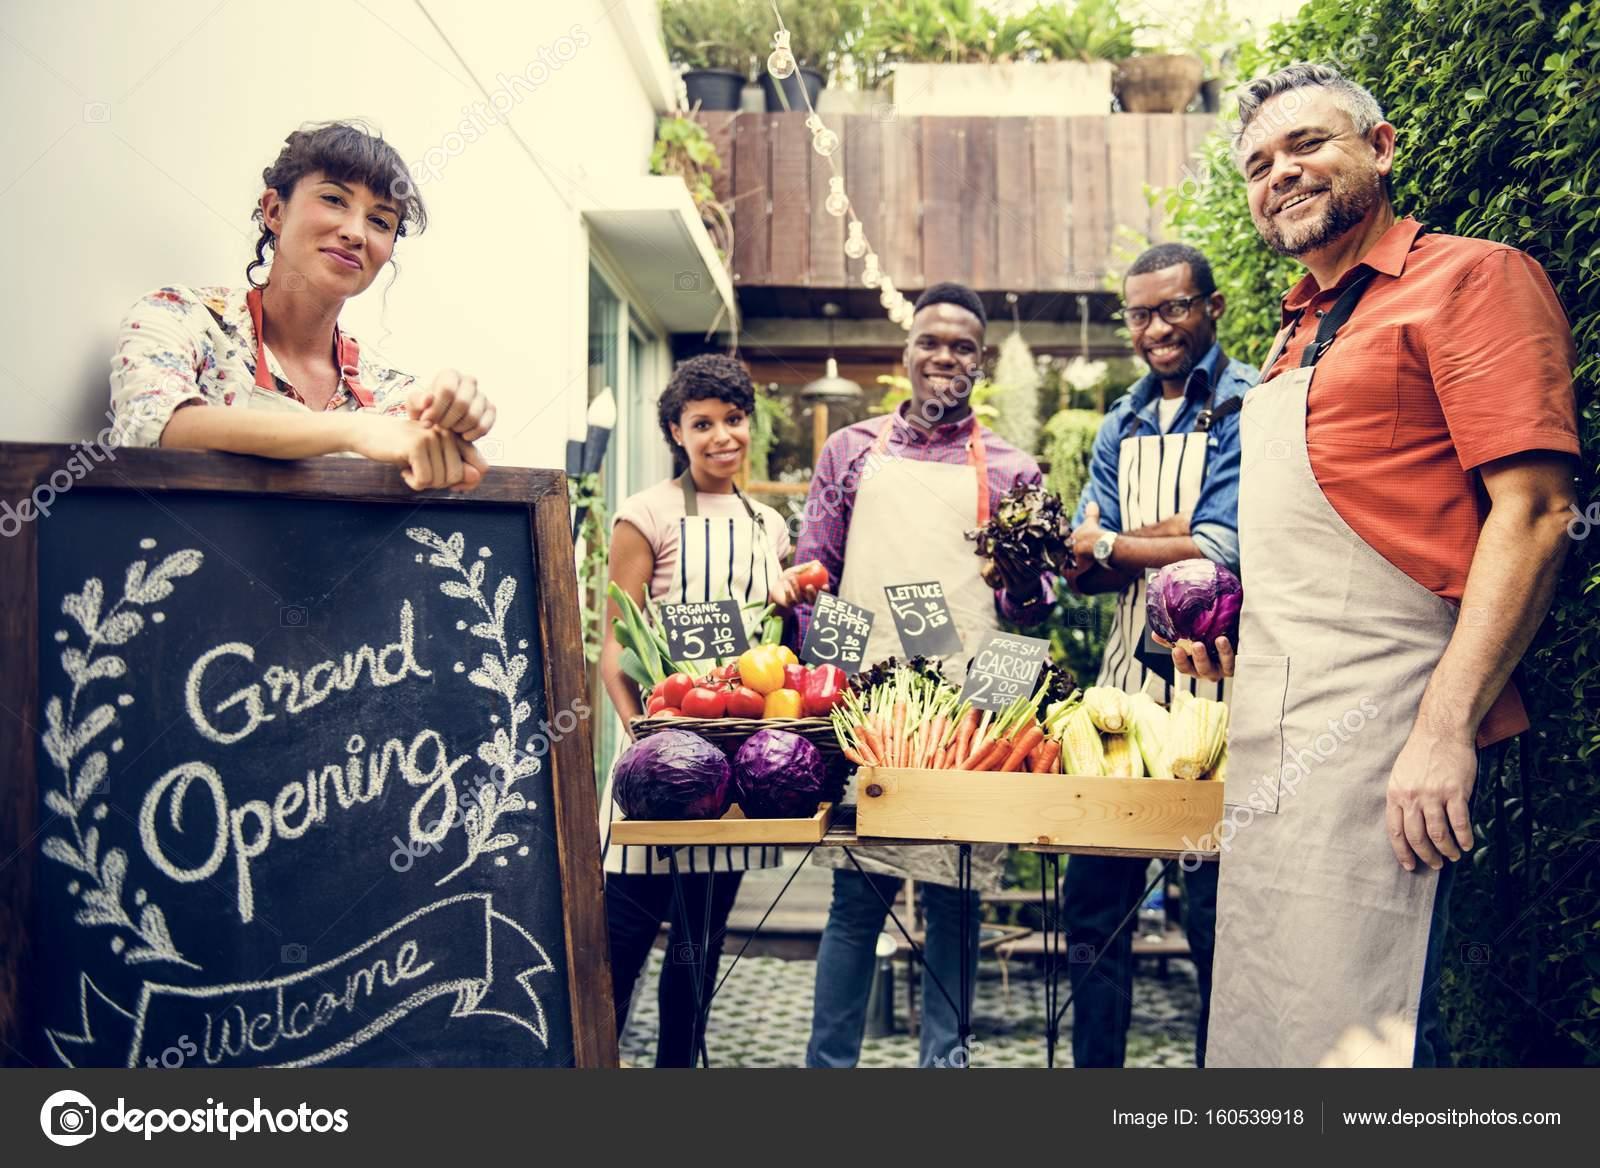 7b7149ef58 Pessoas Perto Anunciam Inauguração Lousa Original Photoset — Fotografia de  Stock